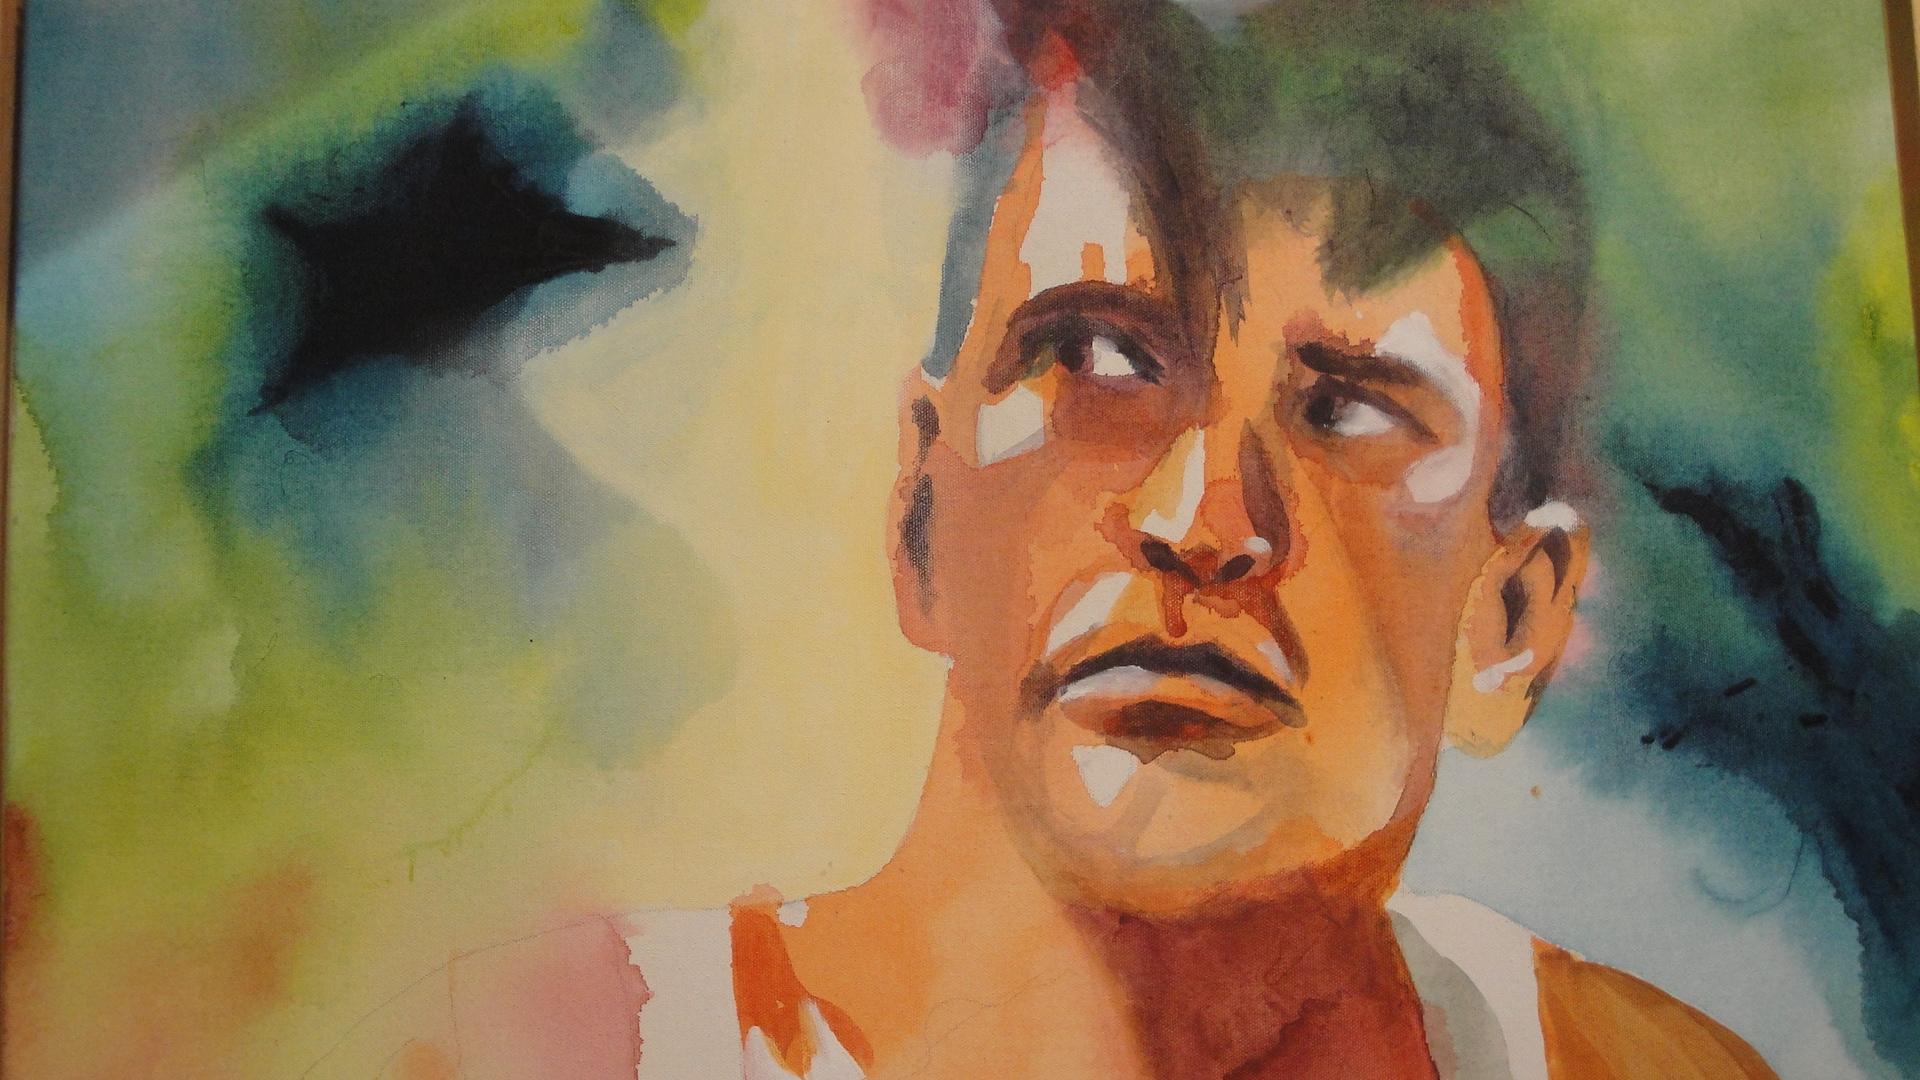 Werk van een van de kunstenaars: Jos Smit. (Foto: aangeleverd)